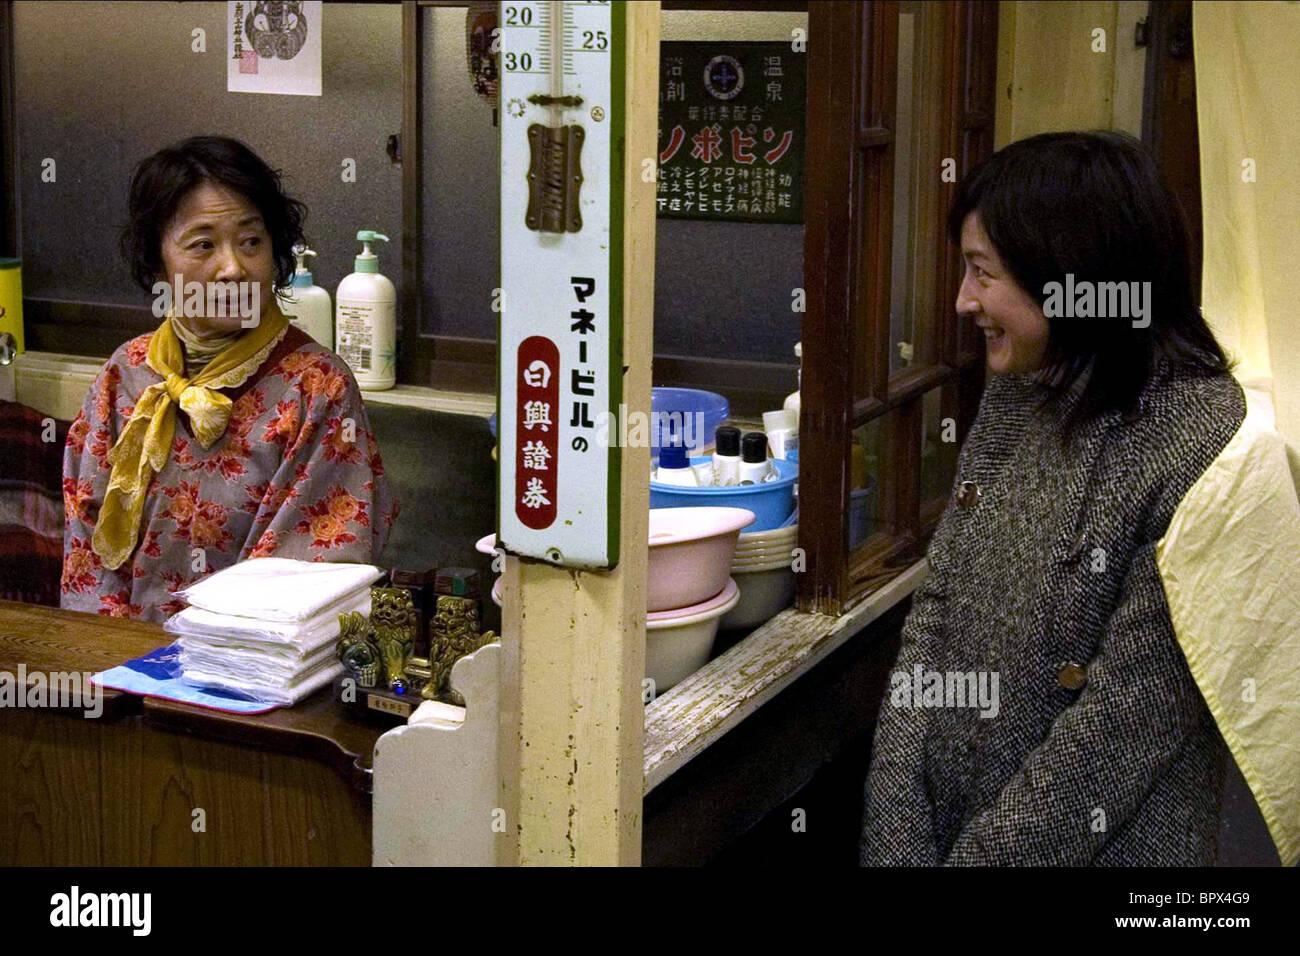 KAZUKO YOSHIYUKI & RYOKO HIROSUE OKURIBITO; DEPARTURES (2008) - Stock Image